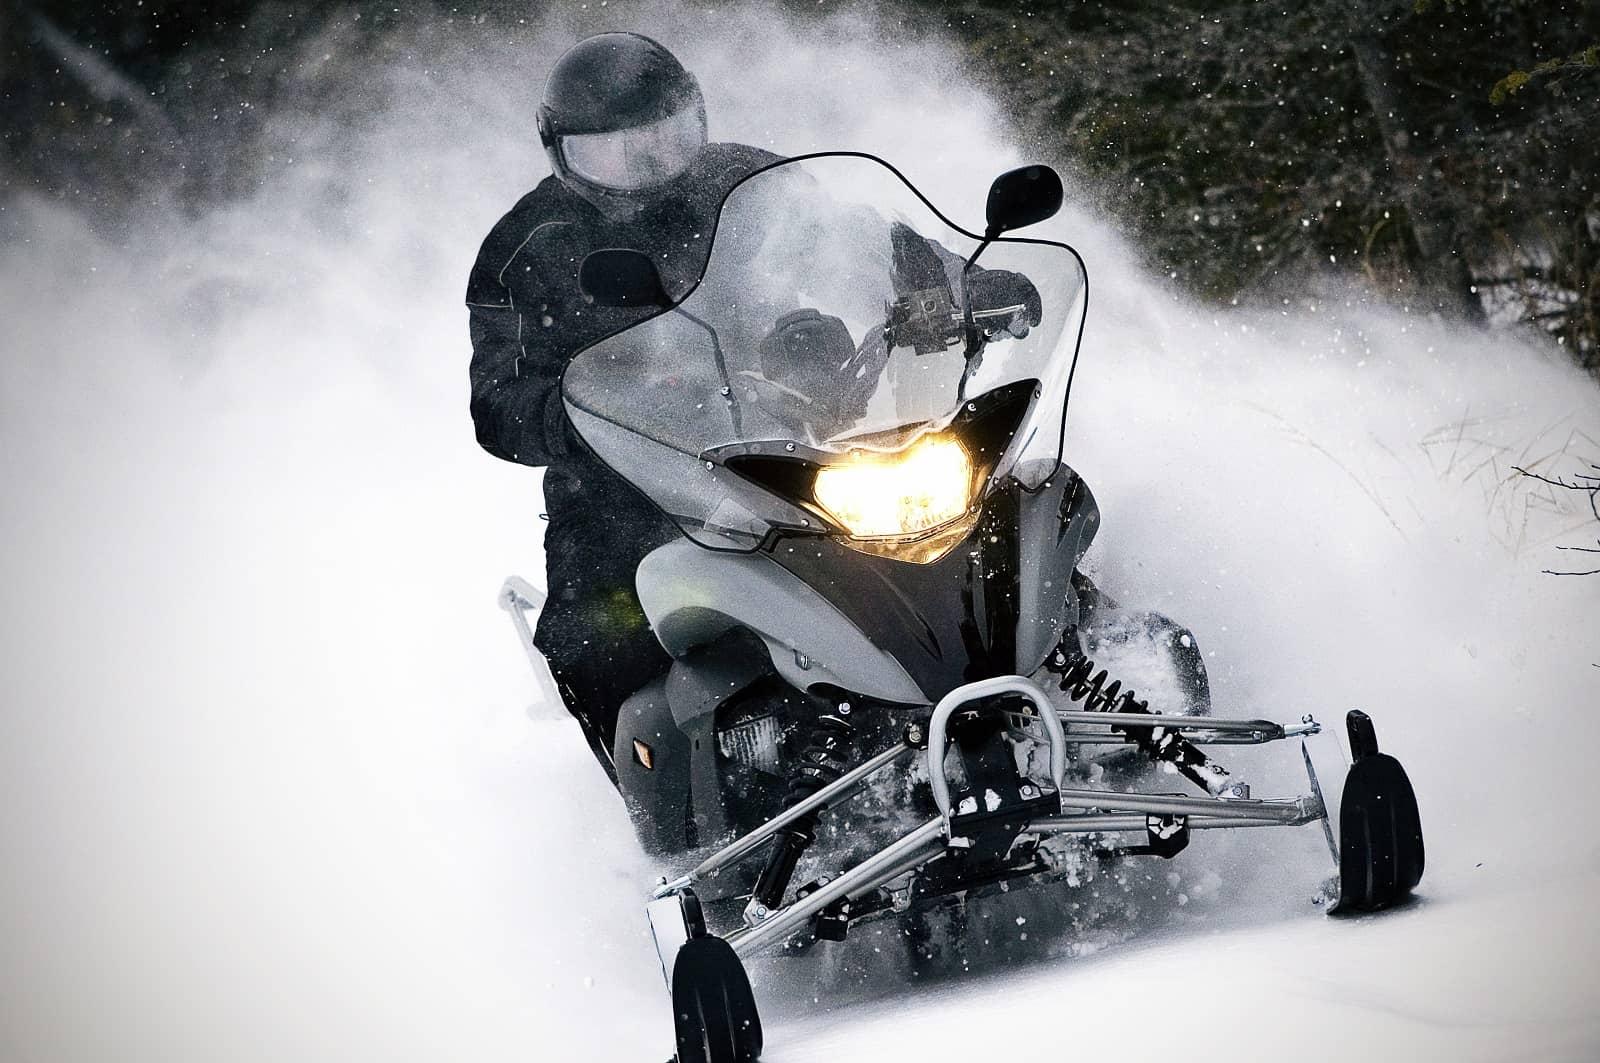 snowmobile kicking up snow